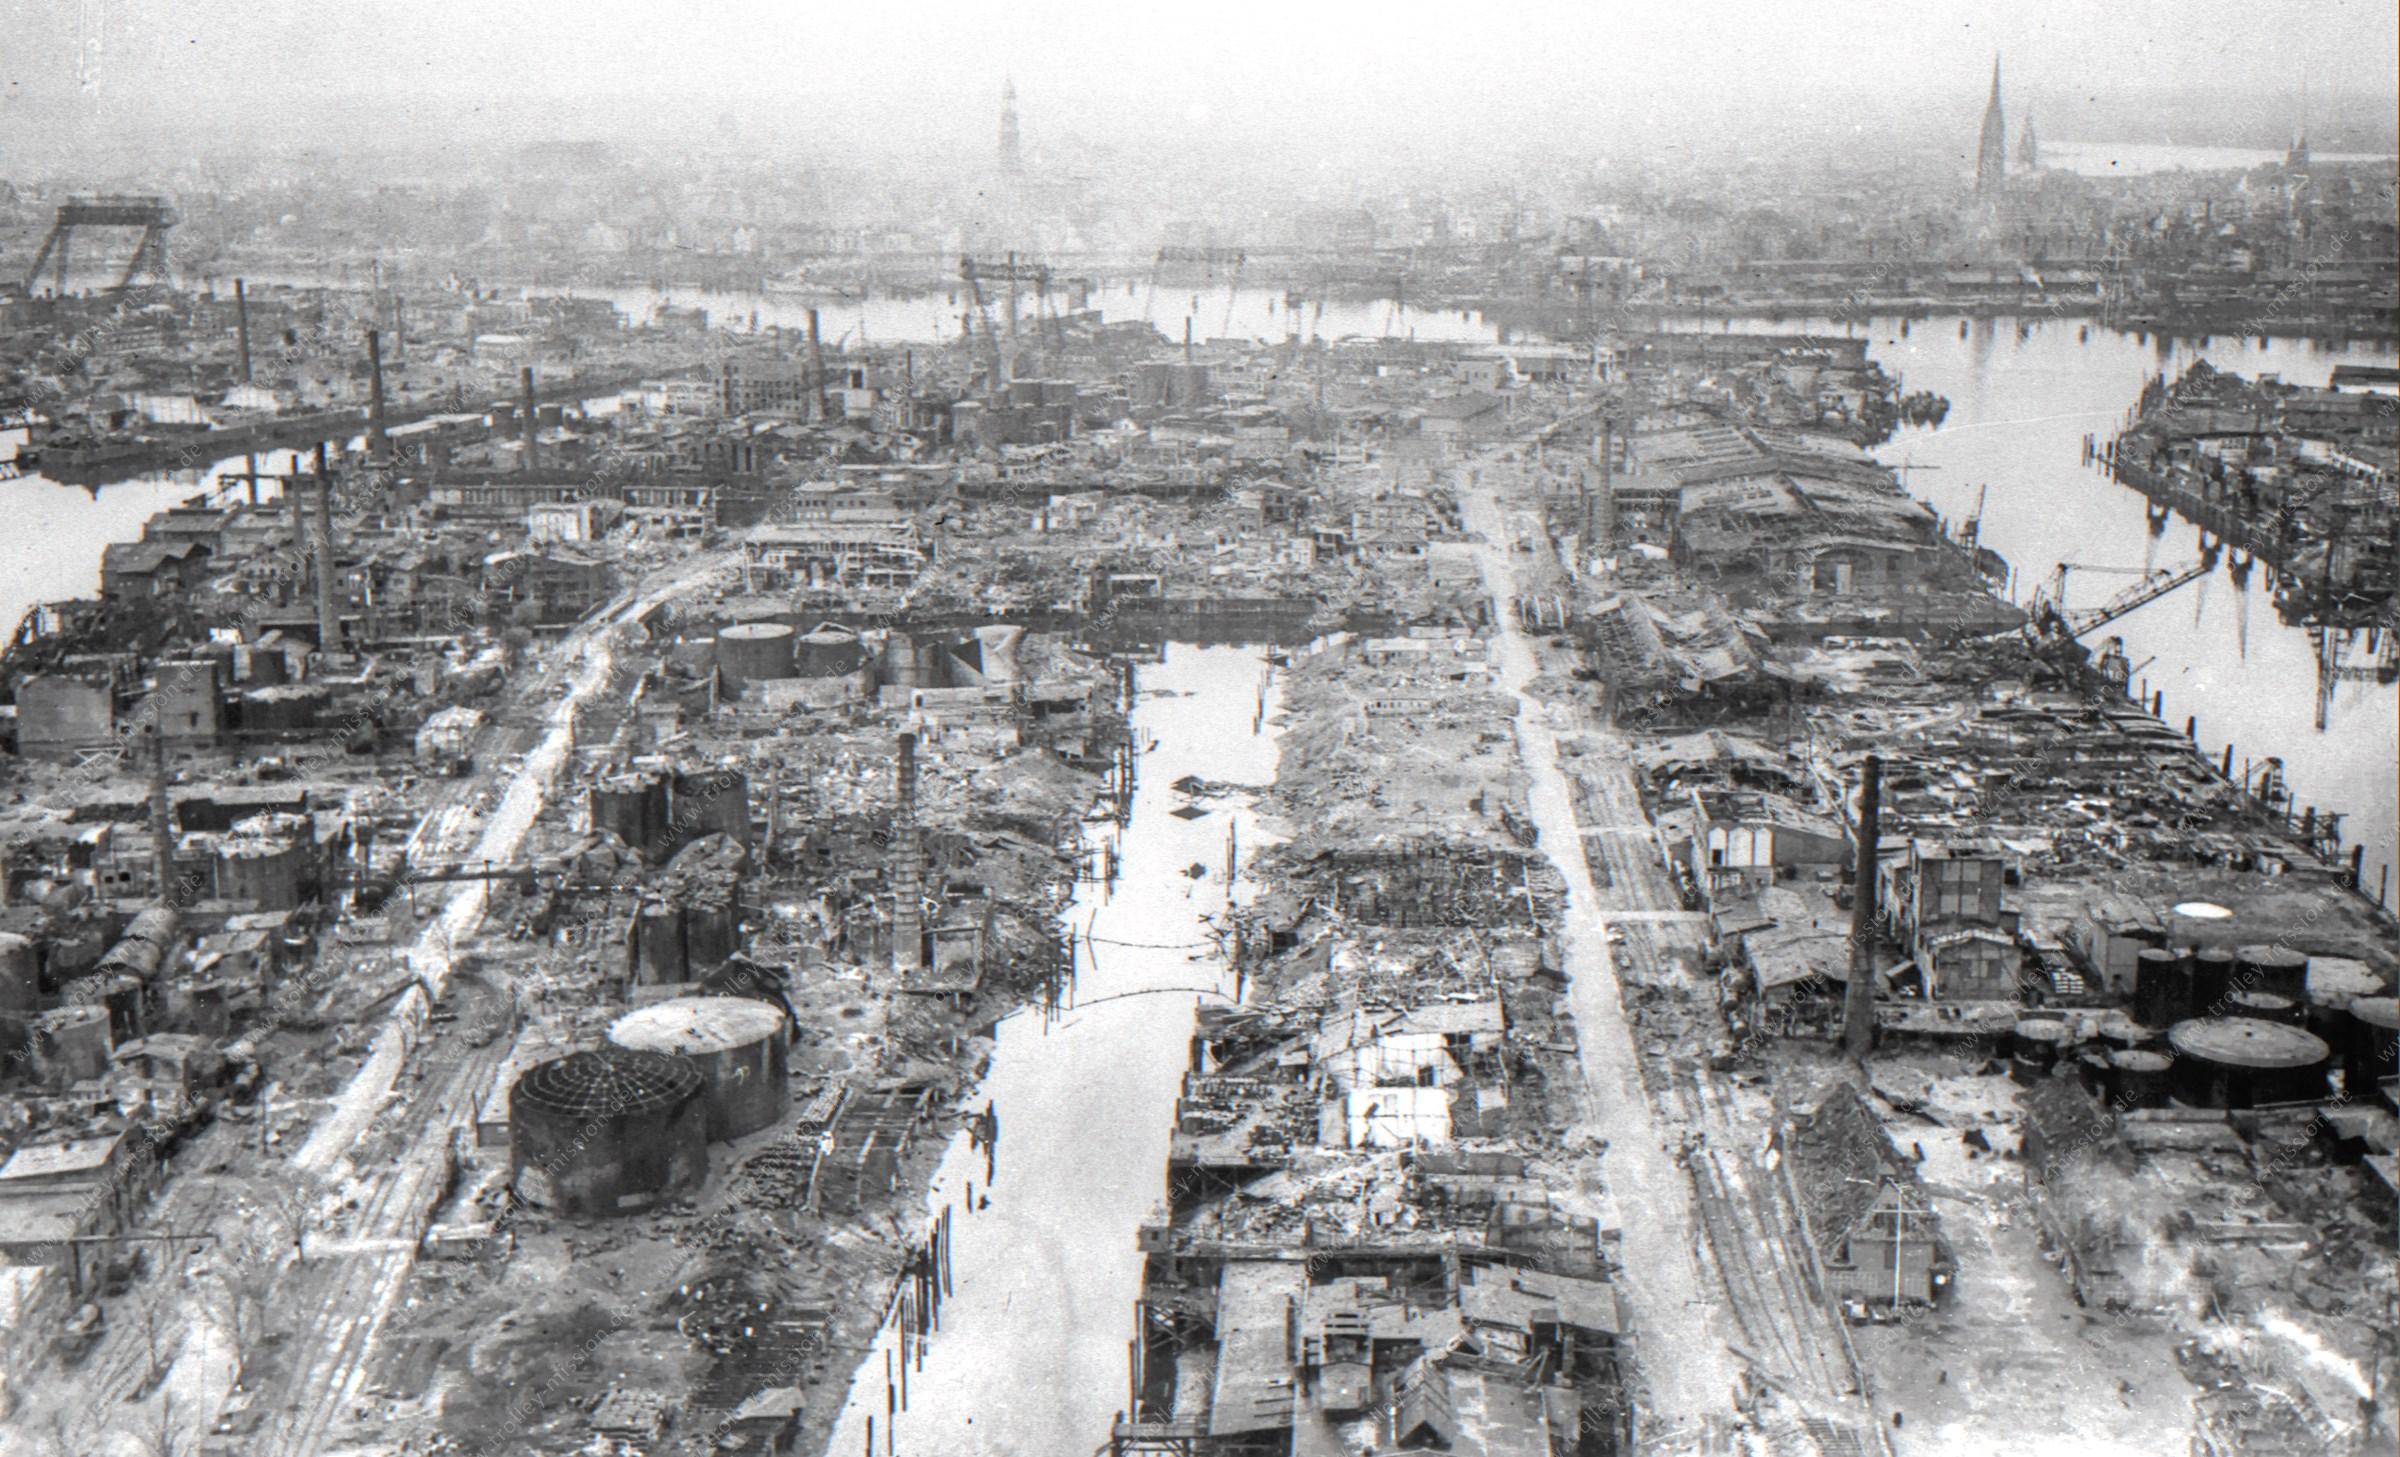 Luftaufnahme des Hamburger Hafens (Steinwerder Hafen) nach dem Zweiten Weltkrieg: Steinwerder-Kanal, Grevenhofkanal, Reiherdamm und Ellerholzdamm